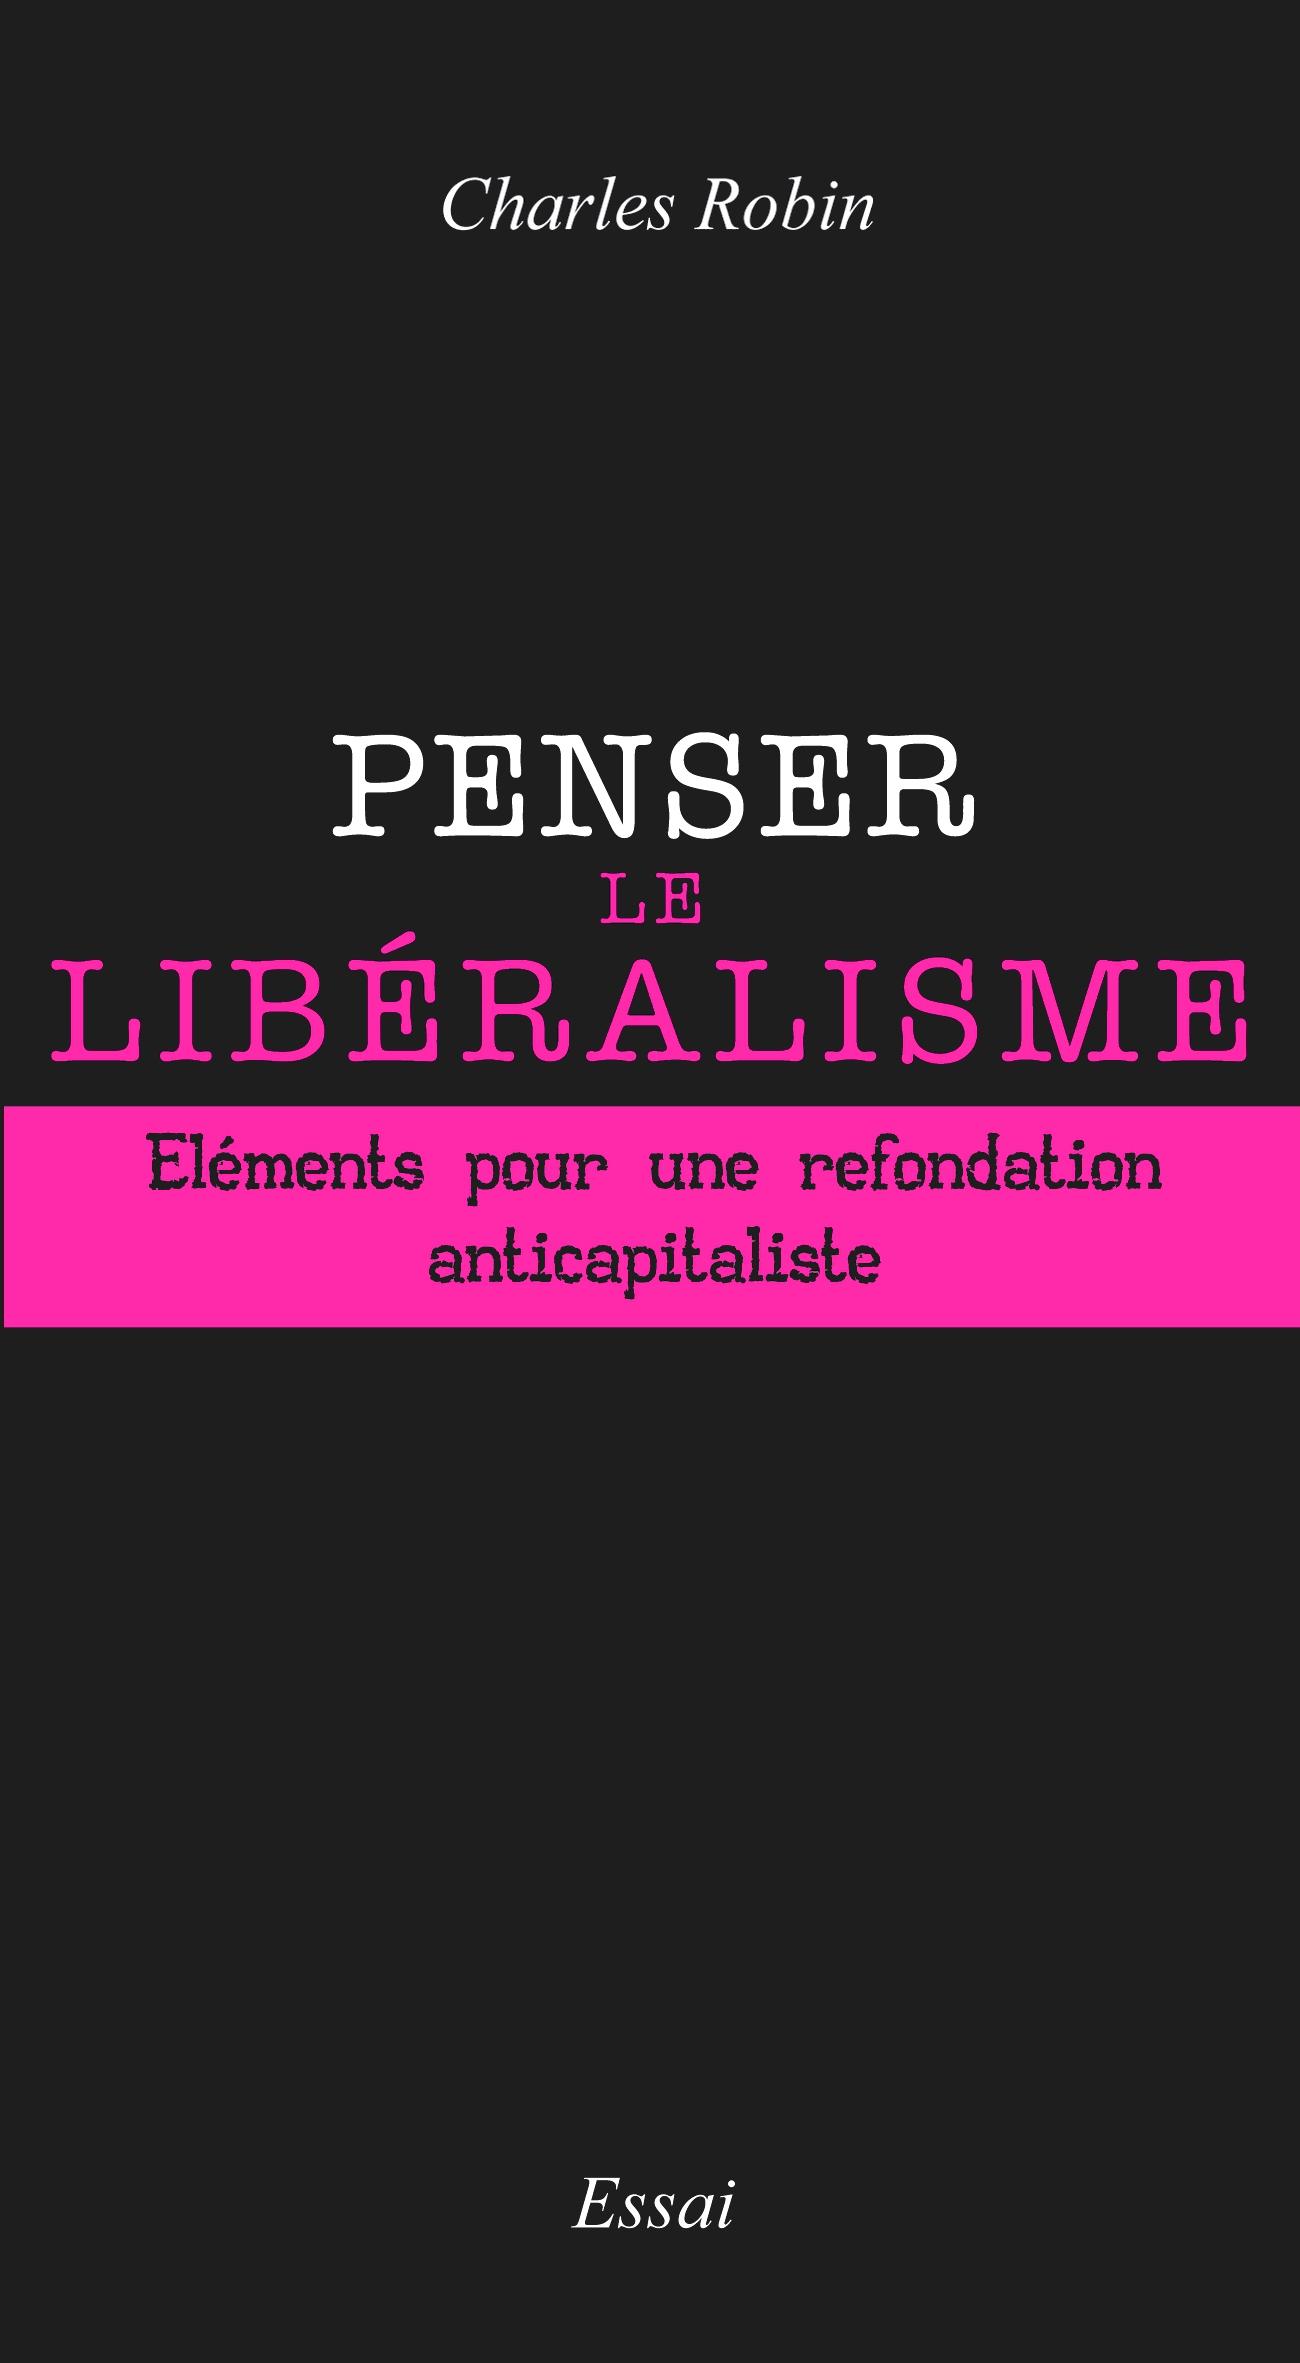 Penser le libéralisme